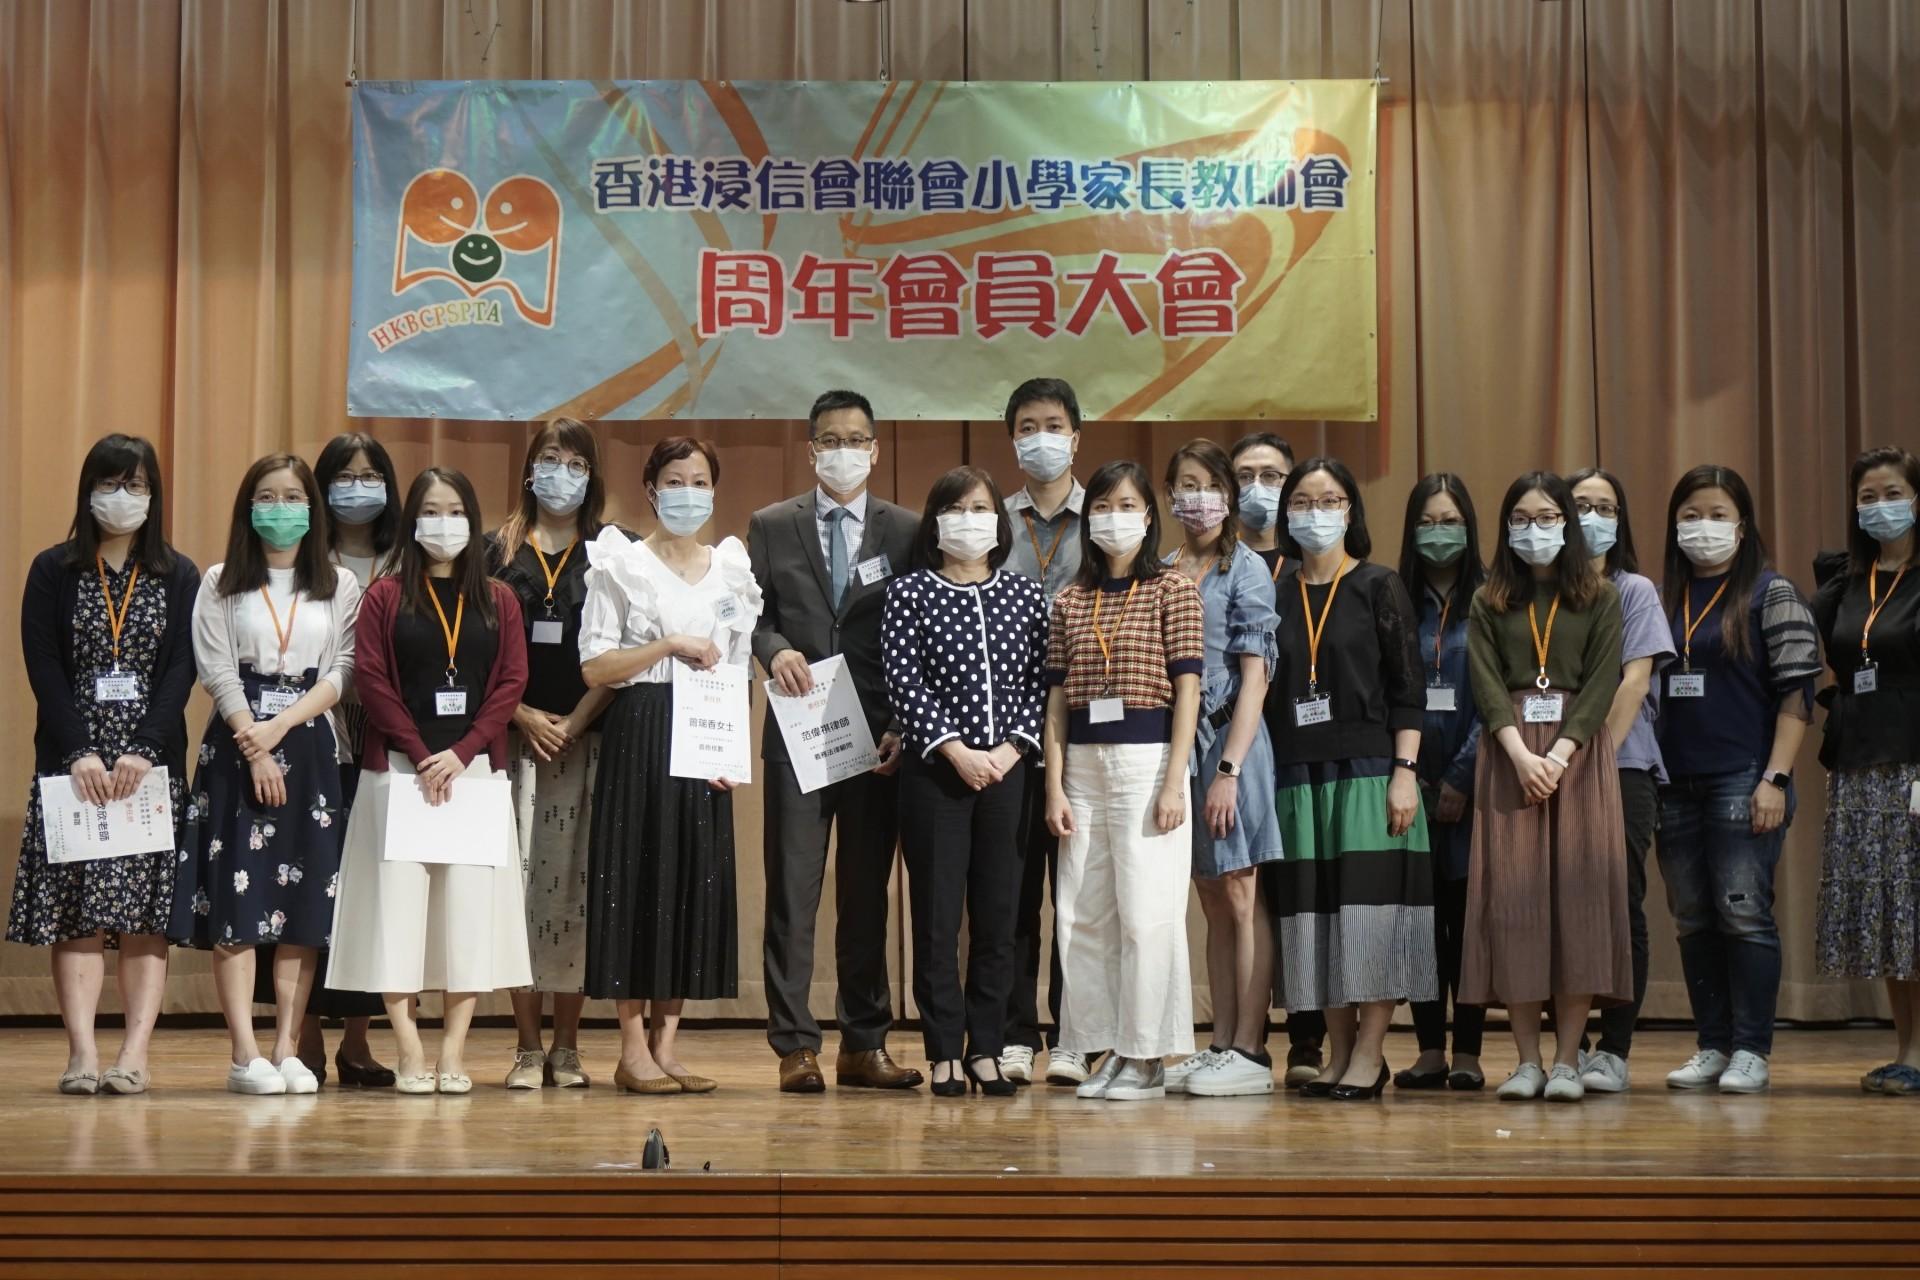 20201023 - 第十二屆(19-20)家教會周年大會